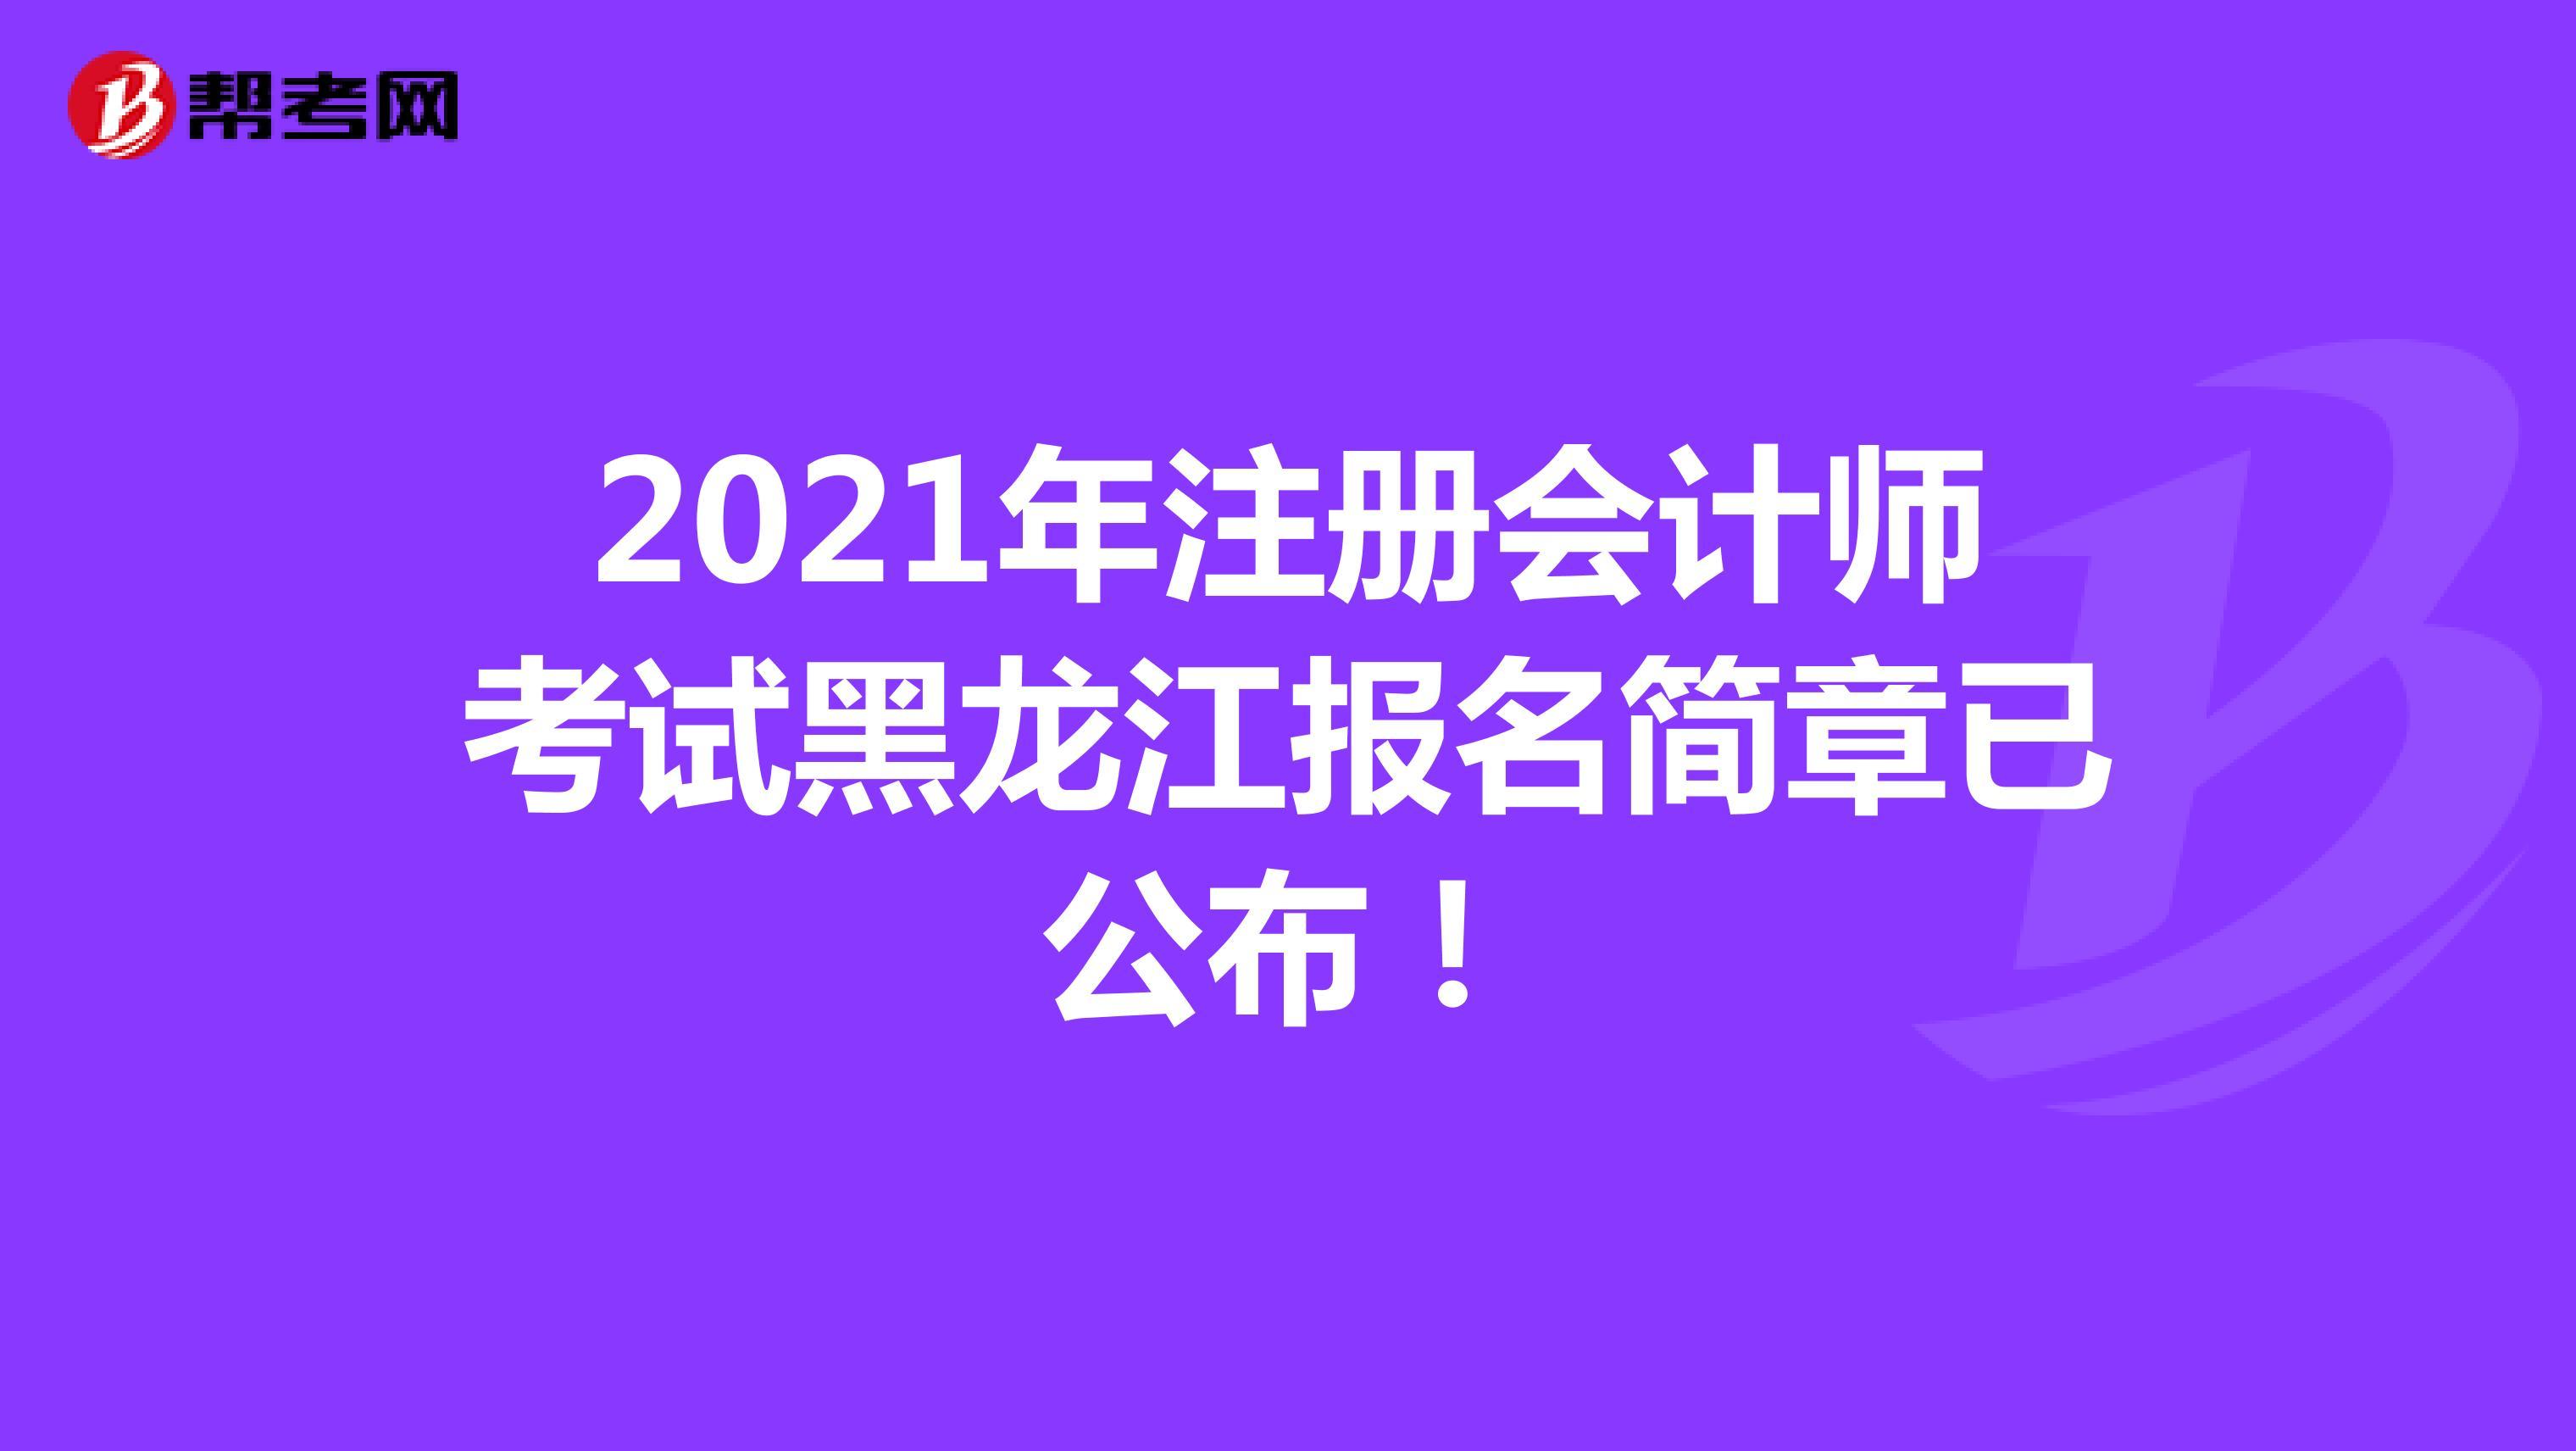 2021年注冊會計師考試黑龍江報名簡章已公布!